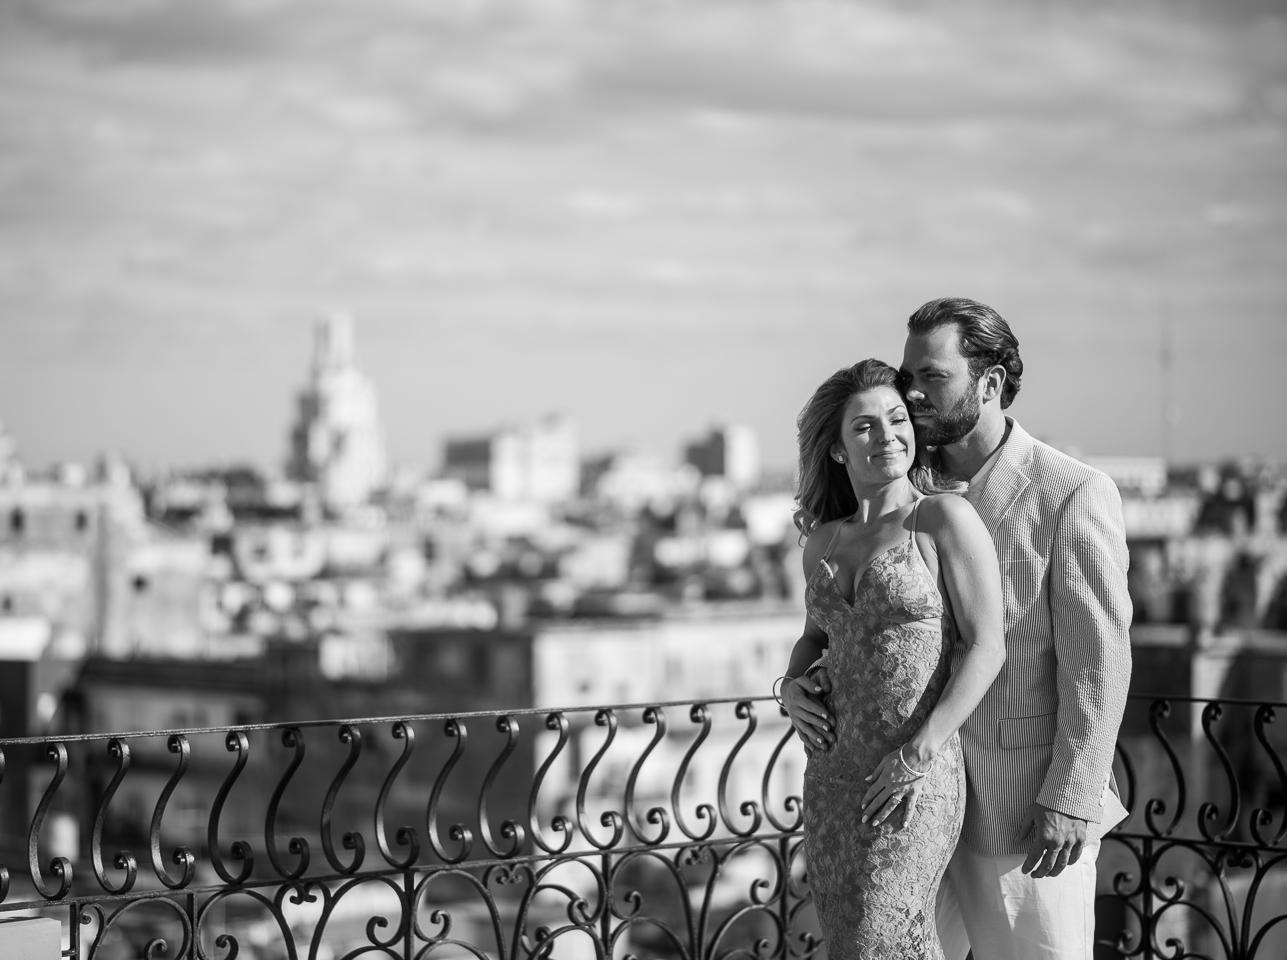 bodas-estilo-libre-sin-tema-cuba-11772.jpg